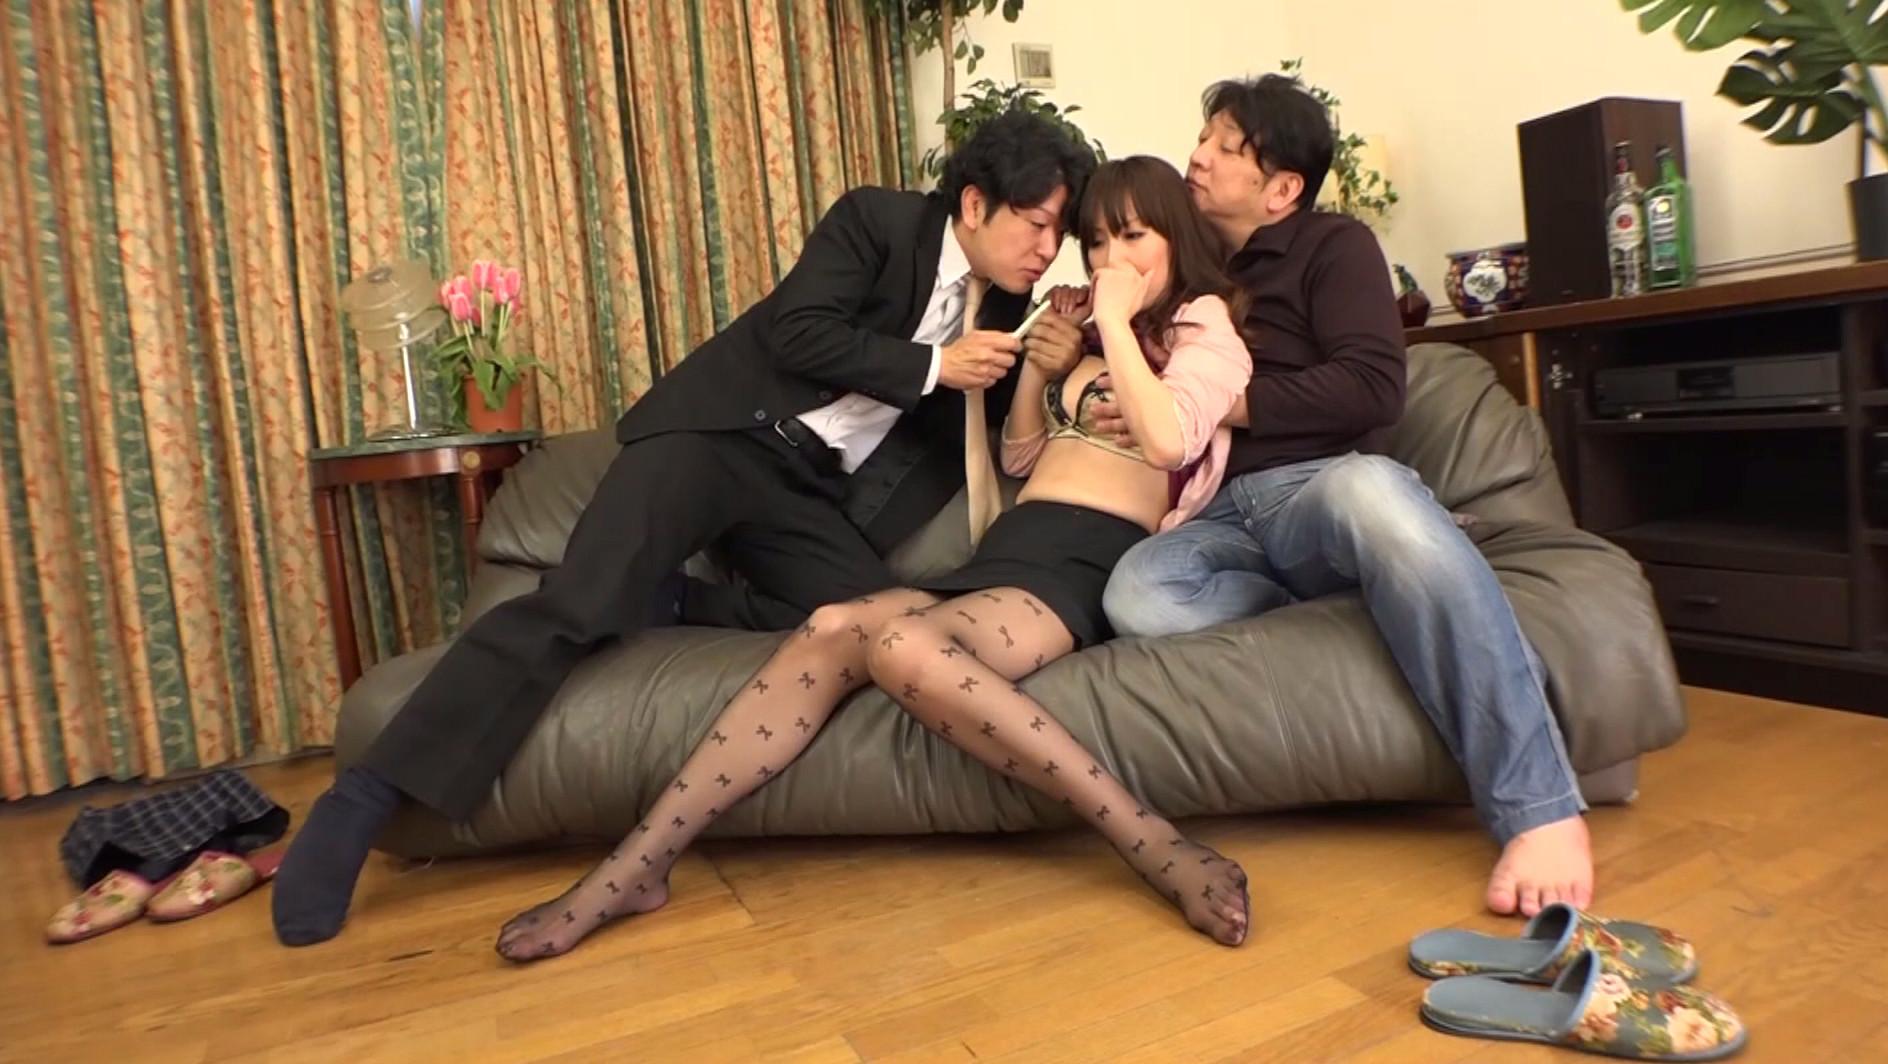 「私の妻を犯して下さい!」旦那に他人チ○ポを強要された!オマ○コから溢れるほど精子が出るくらい3P中出しされた羞恥夫人 画像2